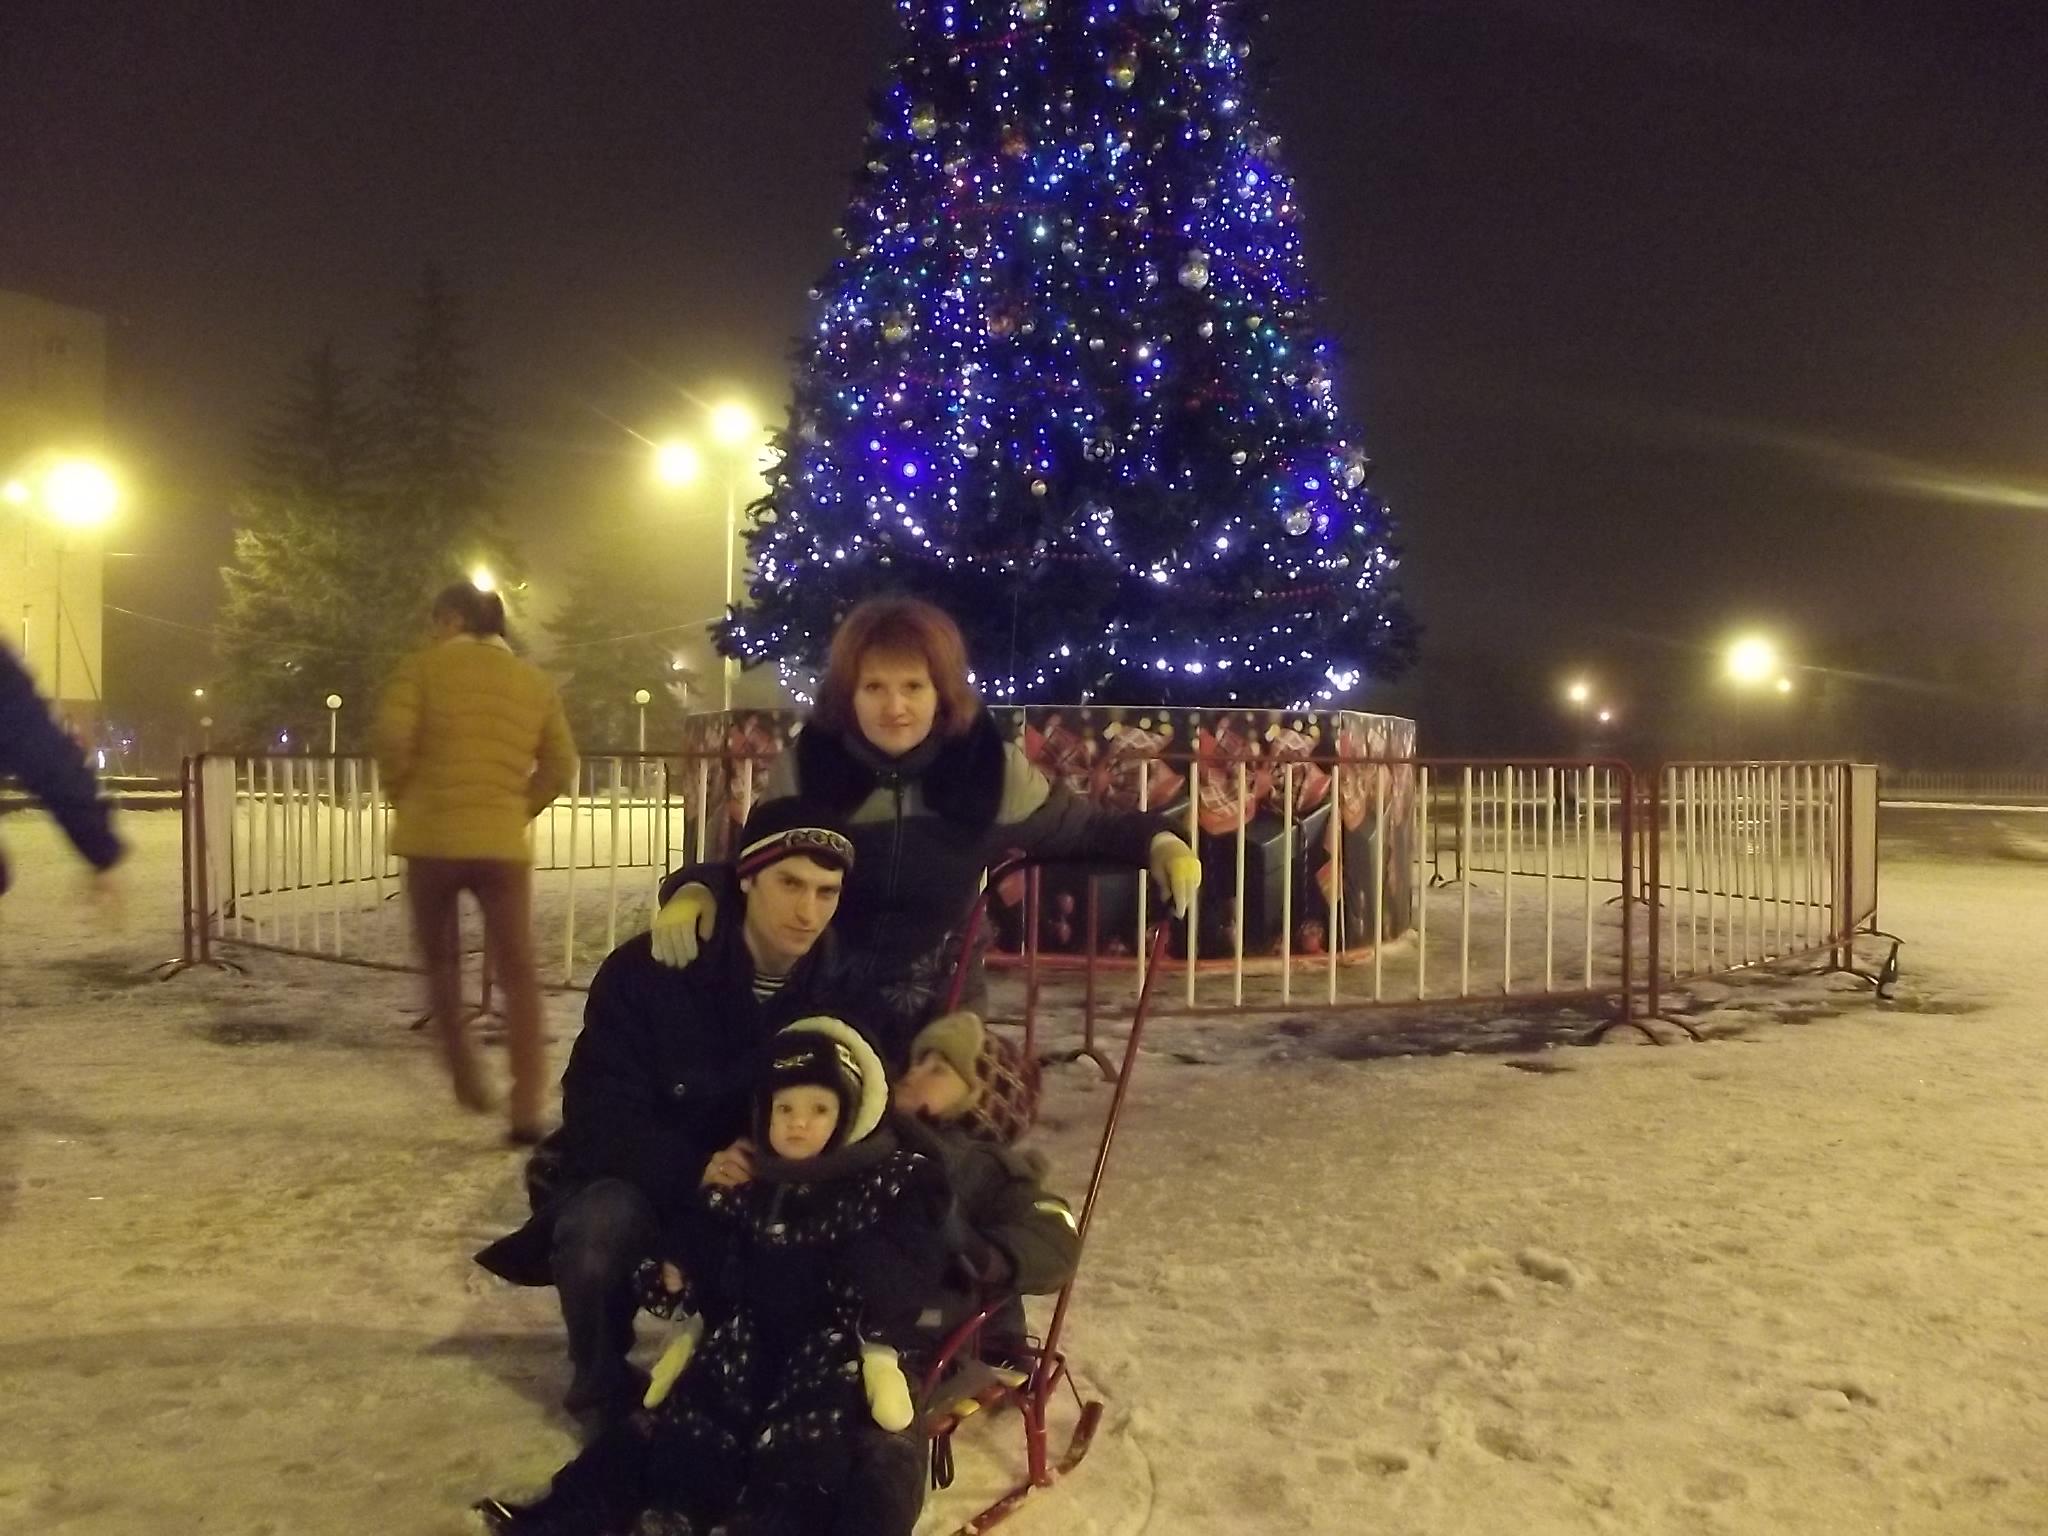 linkme.ufanet.ru/images/7c04ed2b1eb1841b8f795396b1057953.jpg